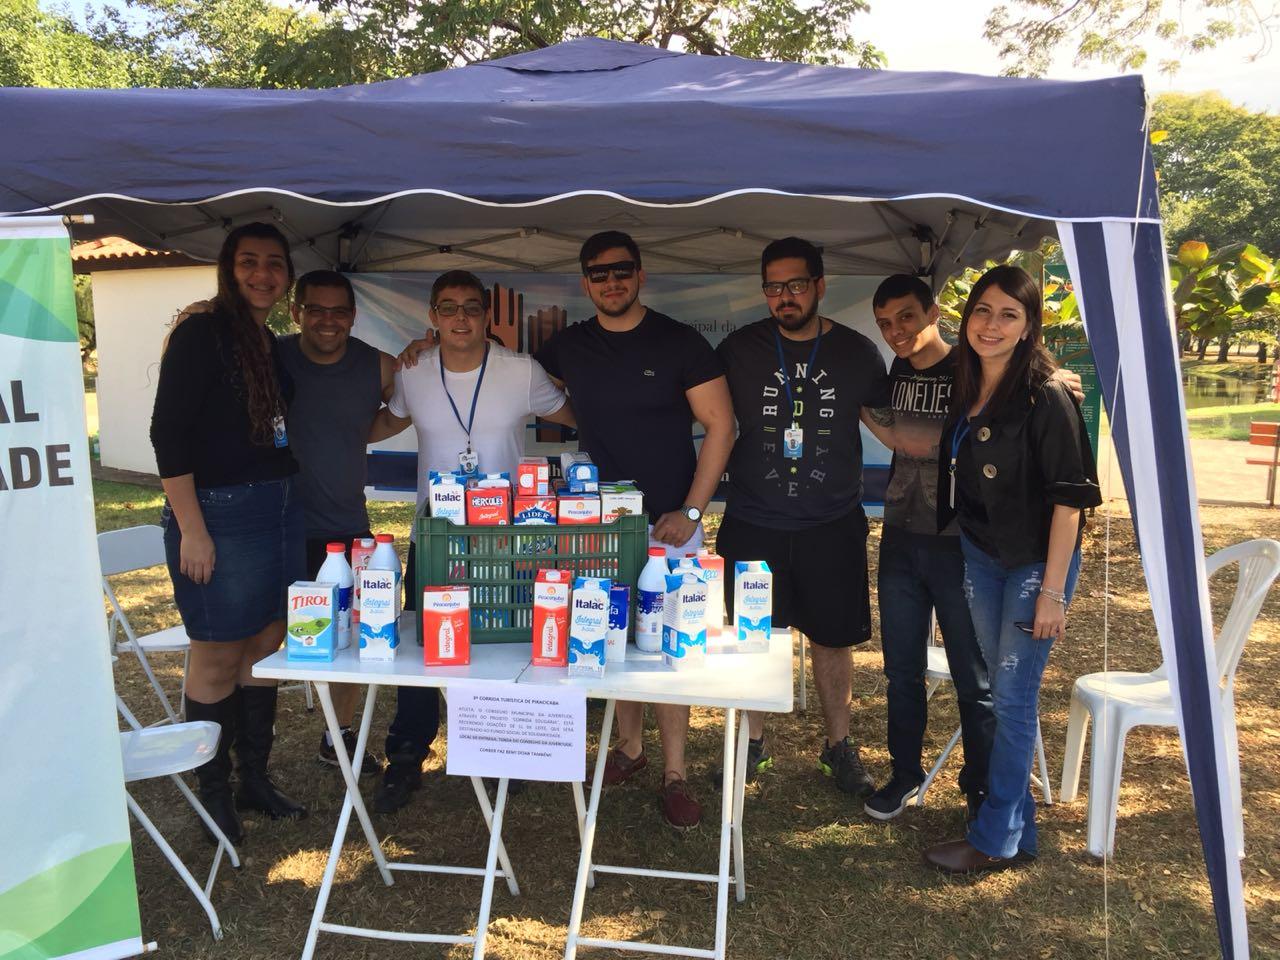 Conselheiros e voluntários do CMJ-PIRA, recebem doações de leite na 9ª Corrida Turística, através do projeto Corrida Solidária, ocorrido nos dias 23 e 24/07/2018.